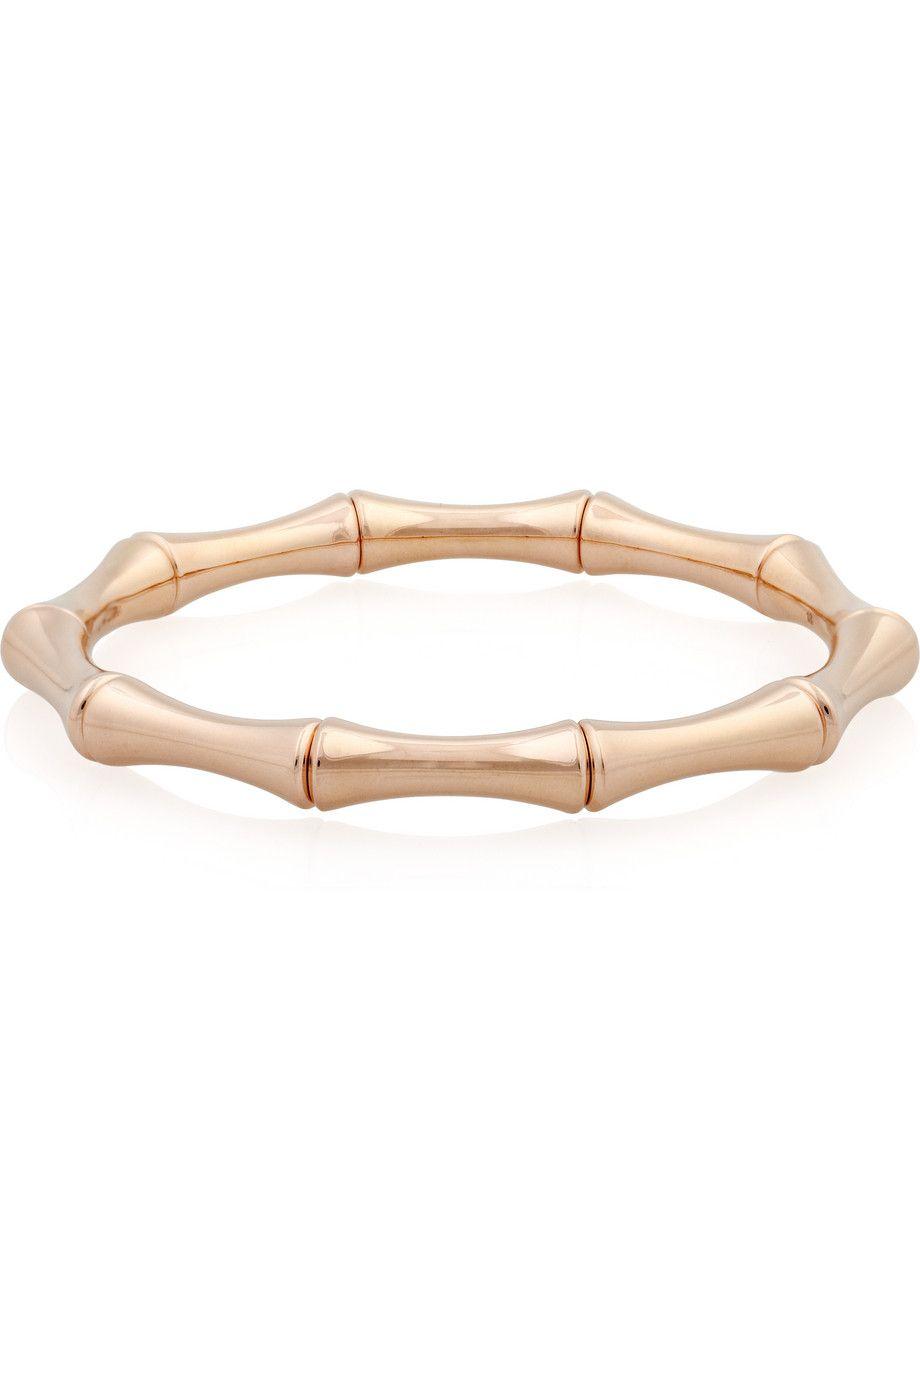 059e8a484 GUCCI 18-karat rose gold bamboo bracelet   Jewelry   Bracelets ...